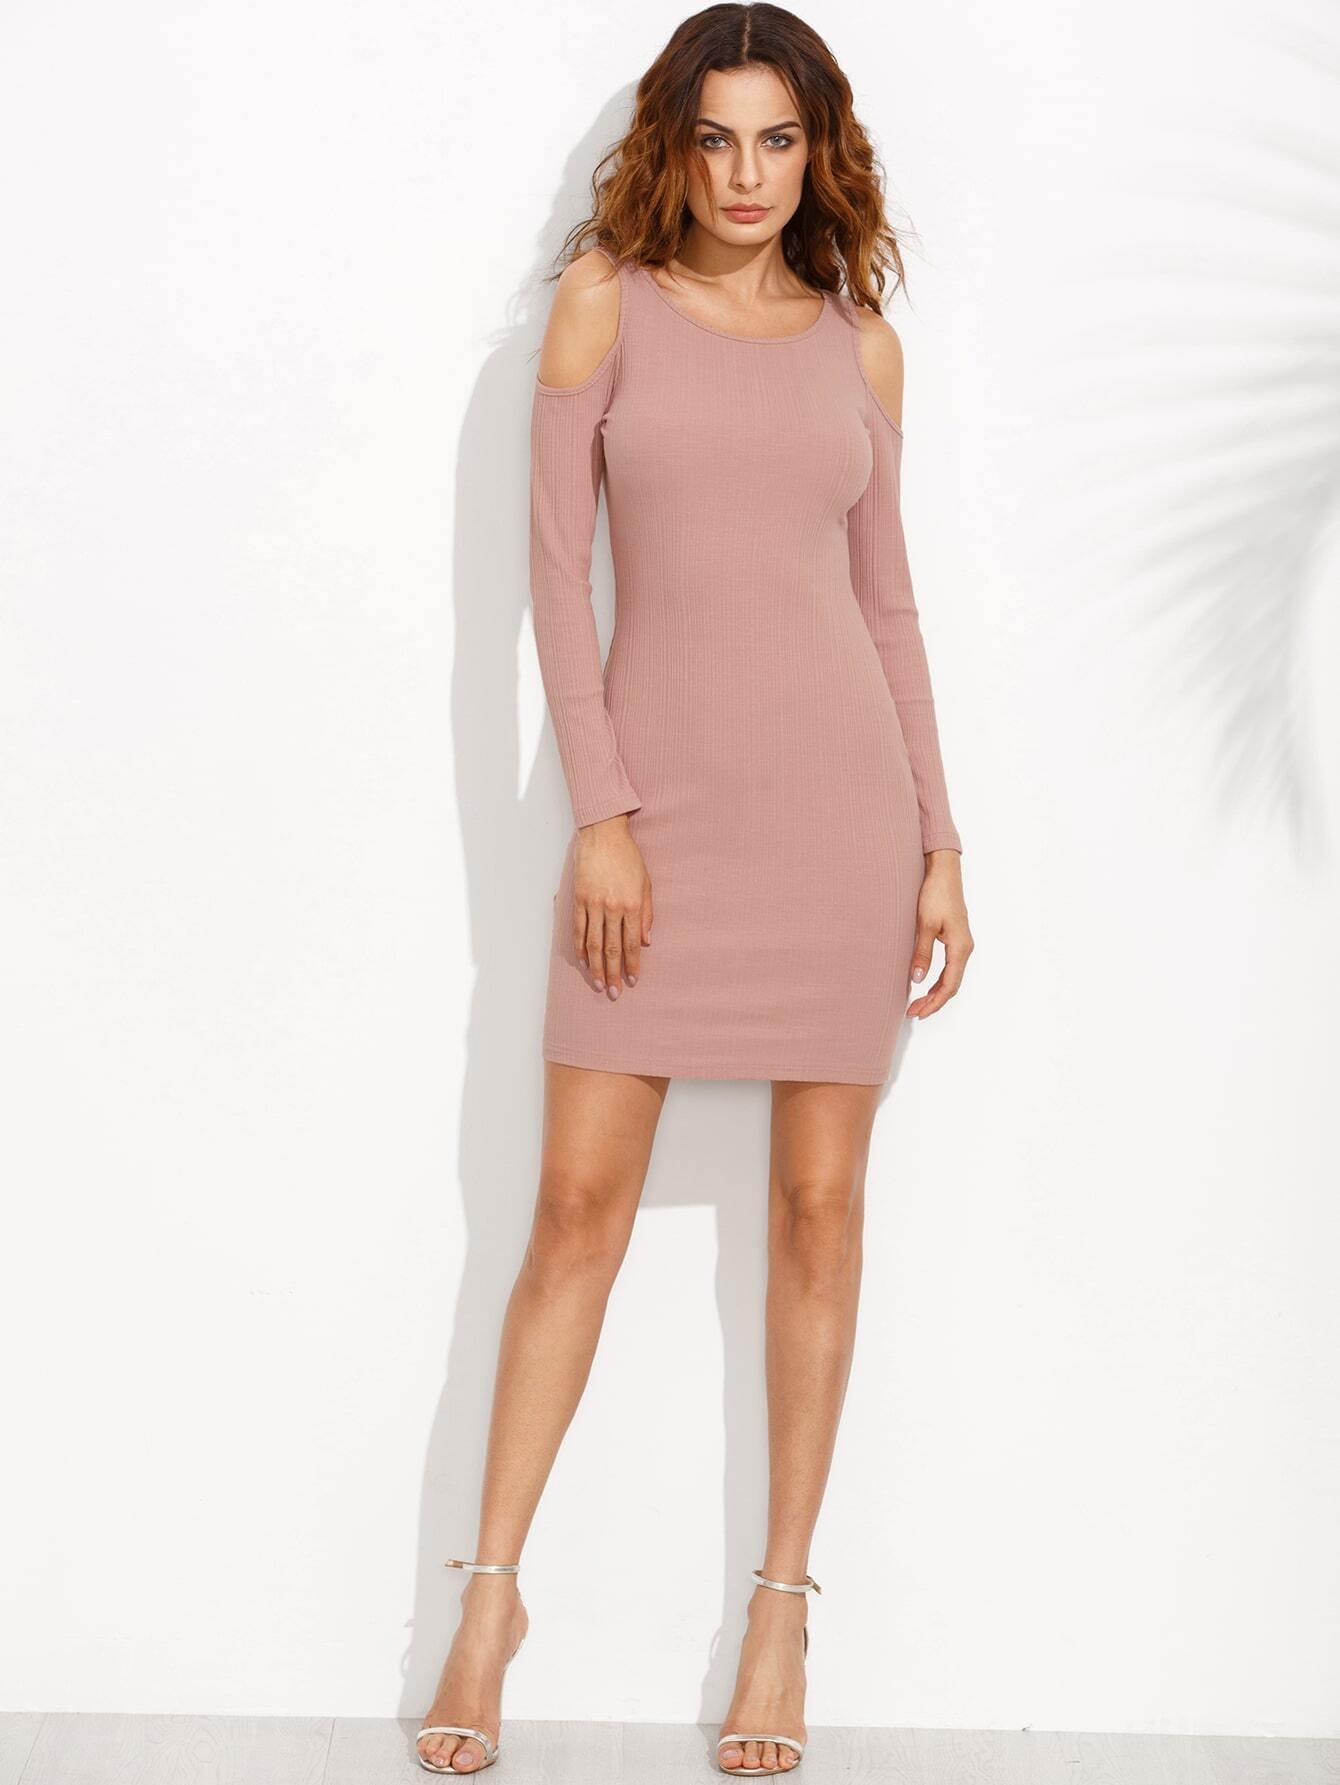 dress160810704_2